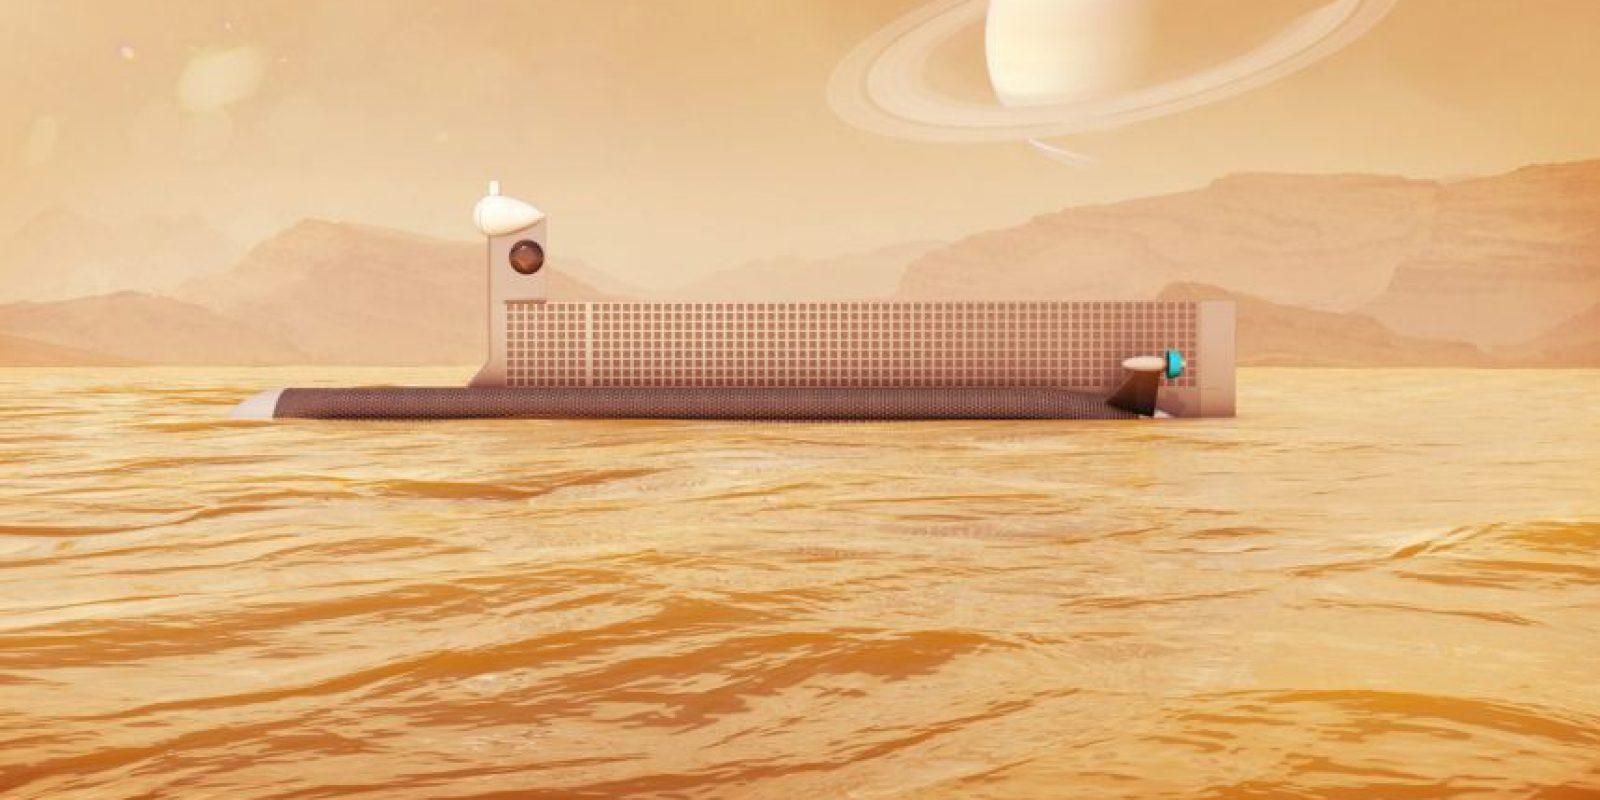 Foto:El diseño de la NASA para un submarino robótico capaz de explorar los mares de Titán, la luna de Saturno. / NASA